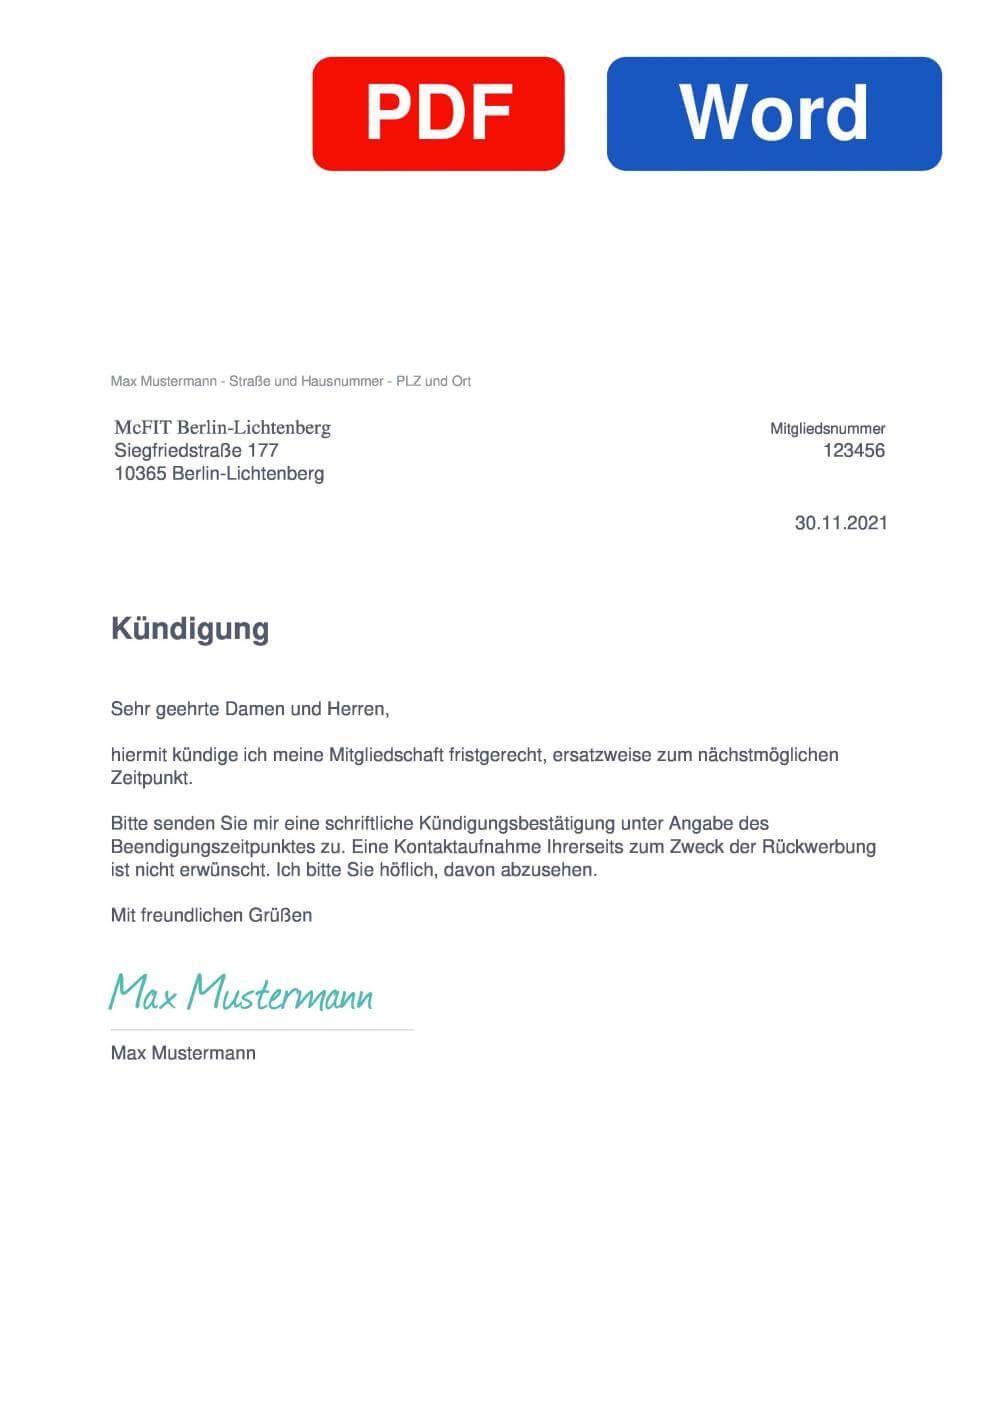 McFIT Berlin-Lichtenberg Muster Vorlage für Kündigungsschreiben